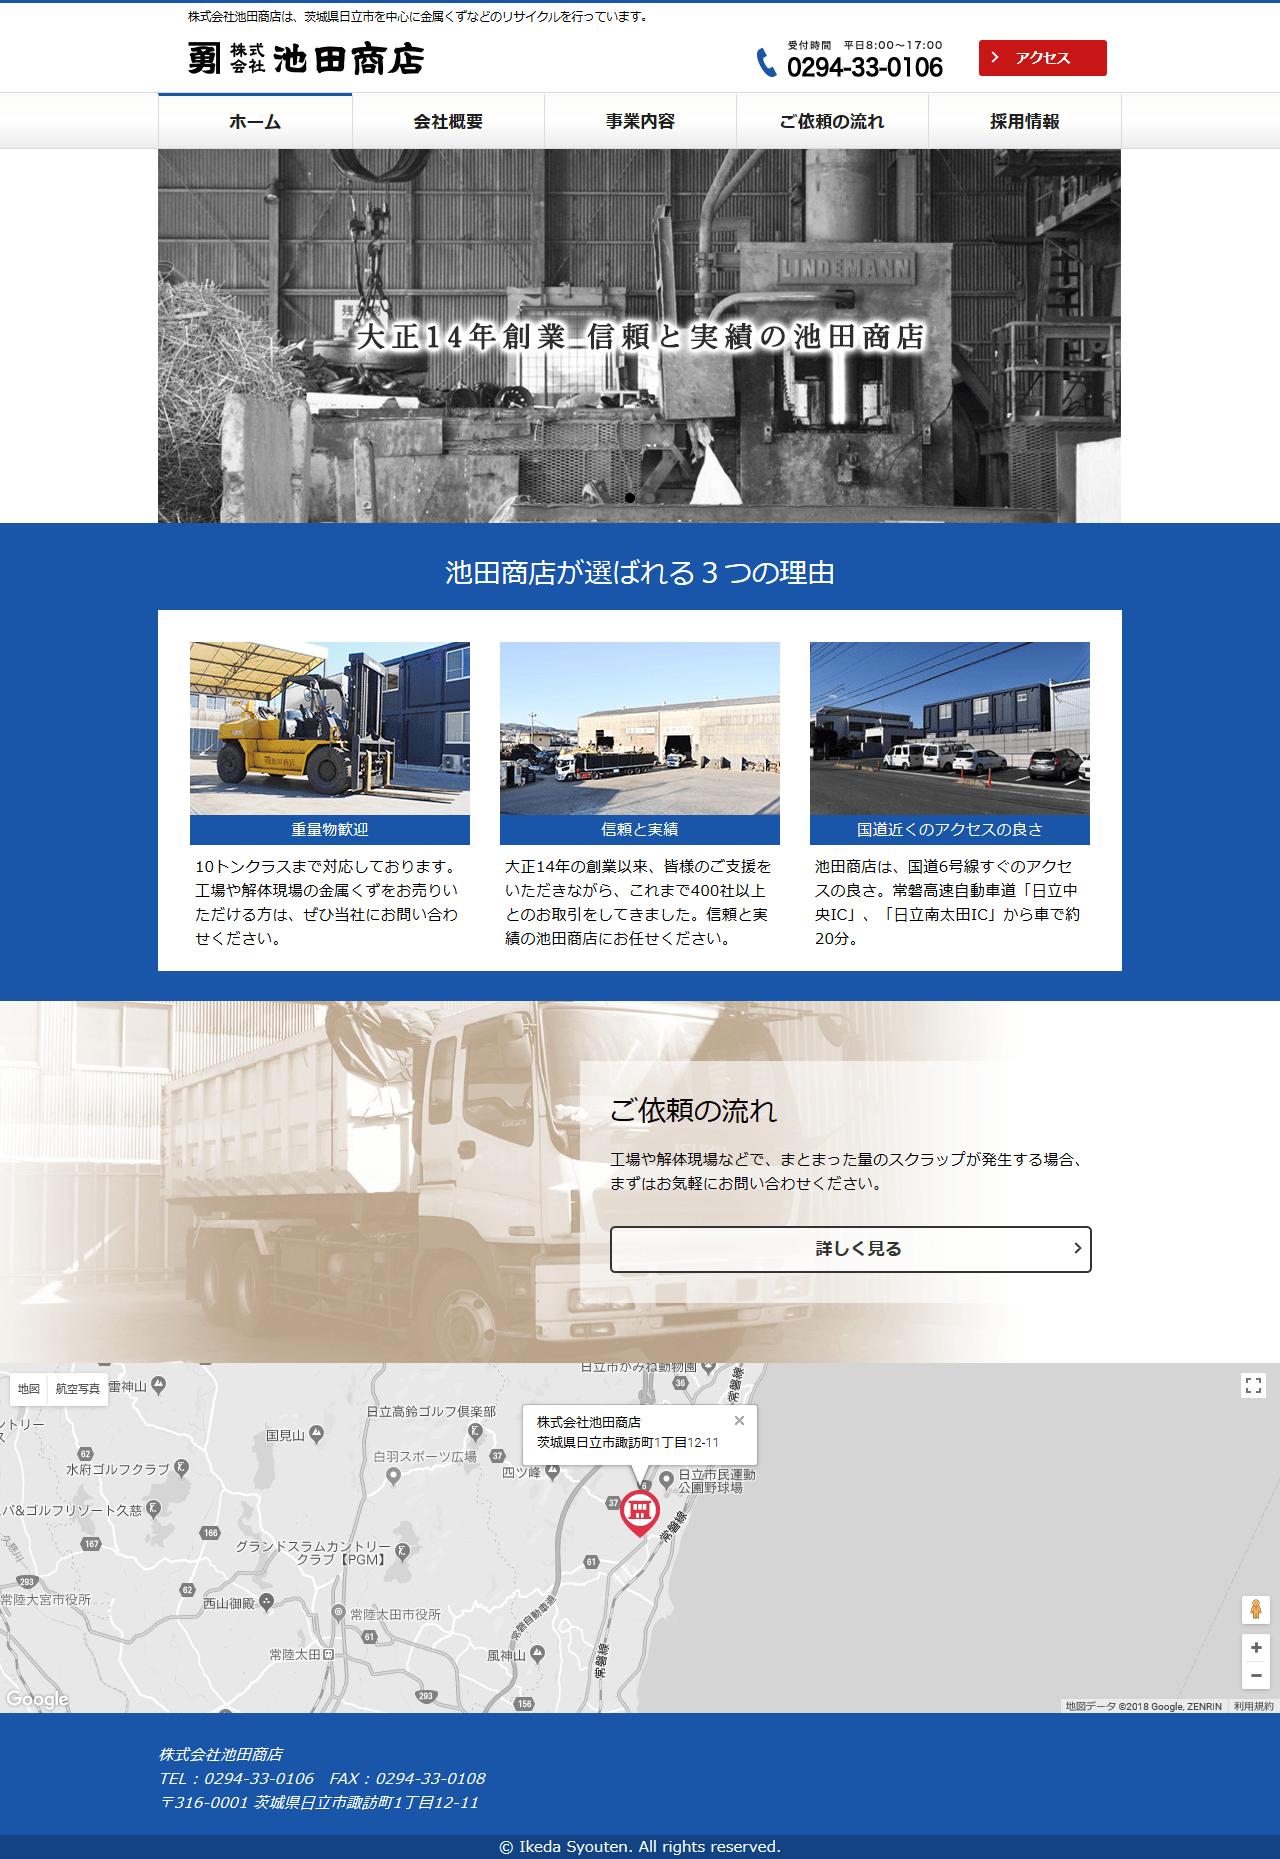 株式会社池田商店ホームページ